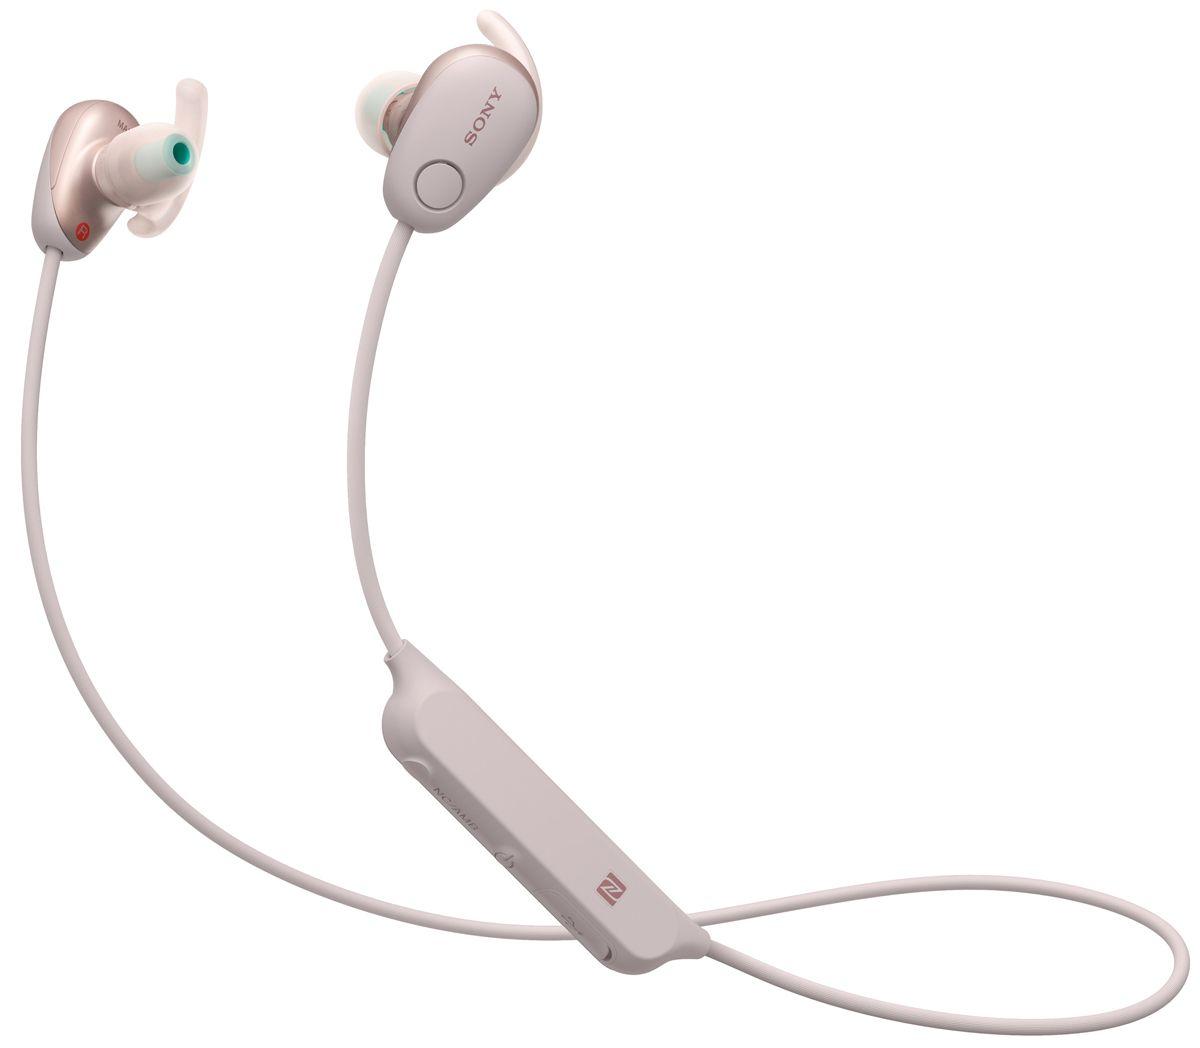 3cfd4543dd3 Sony Pink In-Ear Wireless Noise Canceling Headphones - WI-SP600N/P